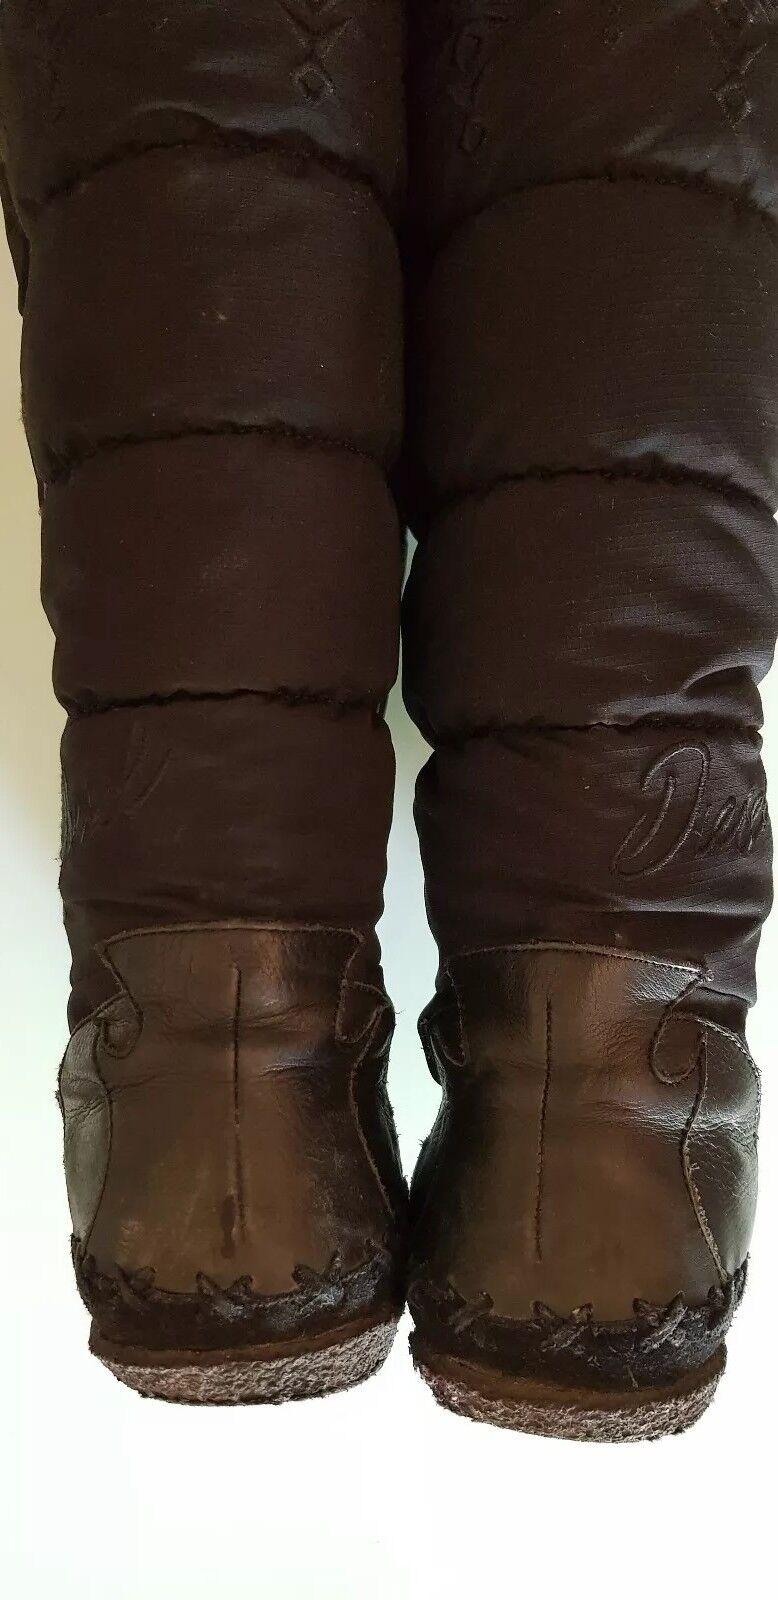 Diesel Stiefel Leder Leder Stiefel -Textil upper gr.39 2636cd